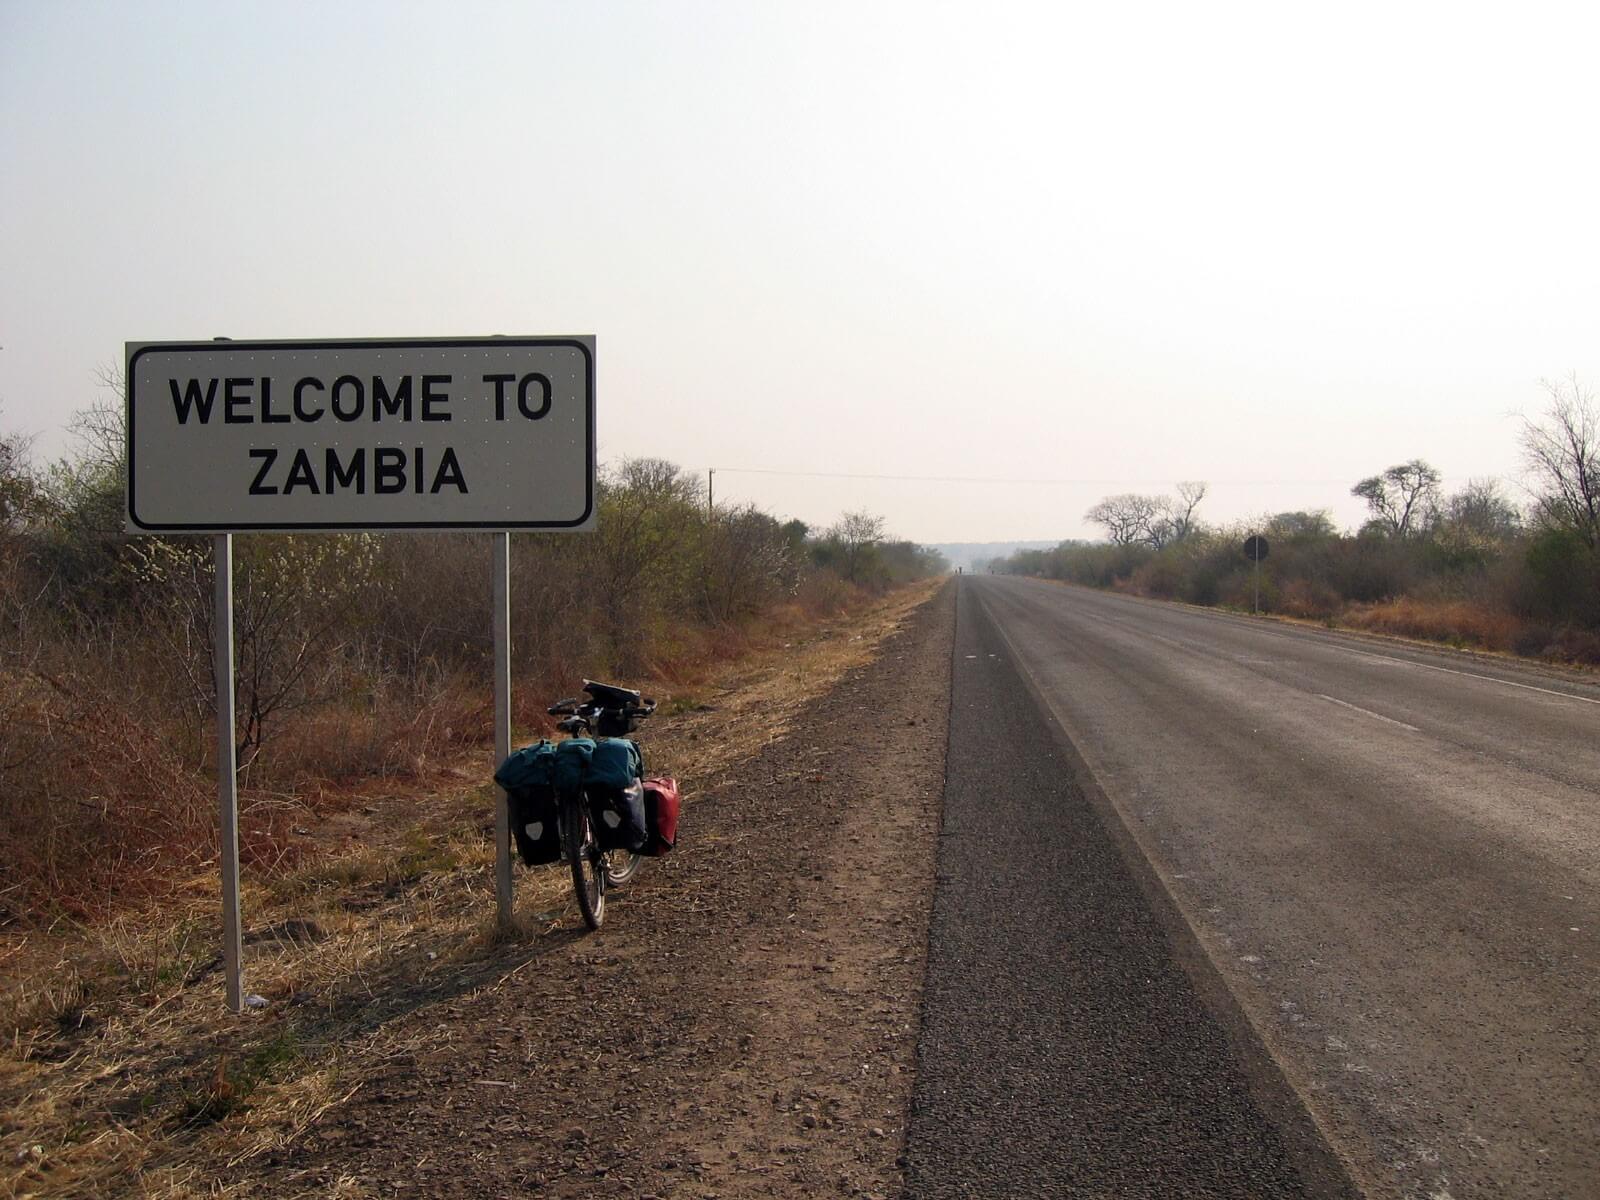 Magyar cég építhet több mint száz kilométeres utat Kongó és Zambia határán